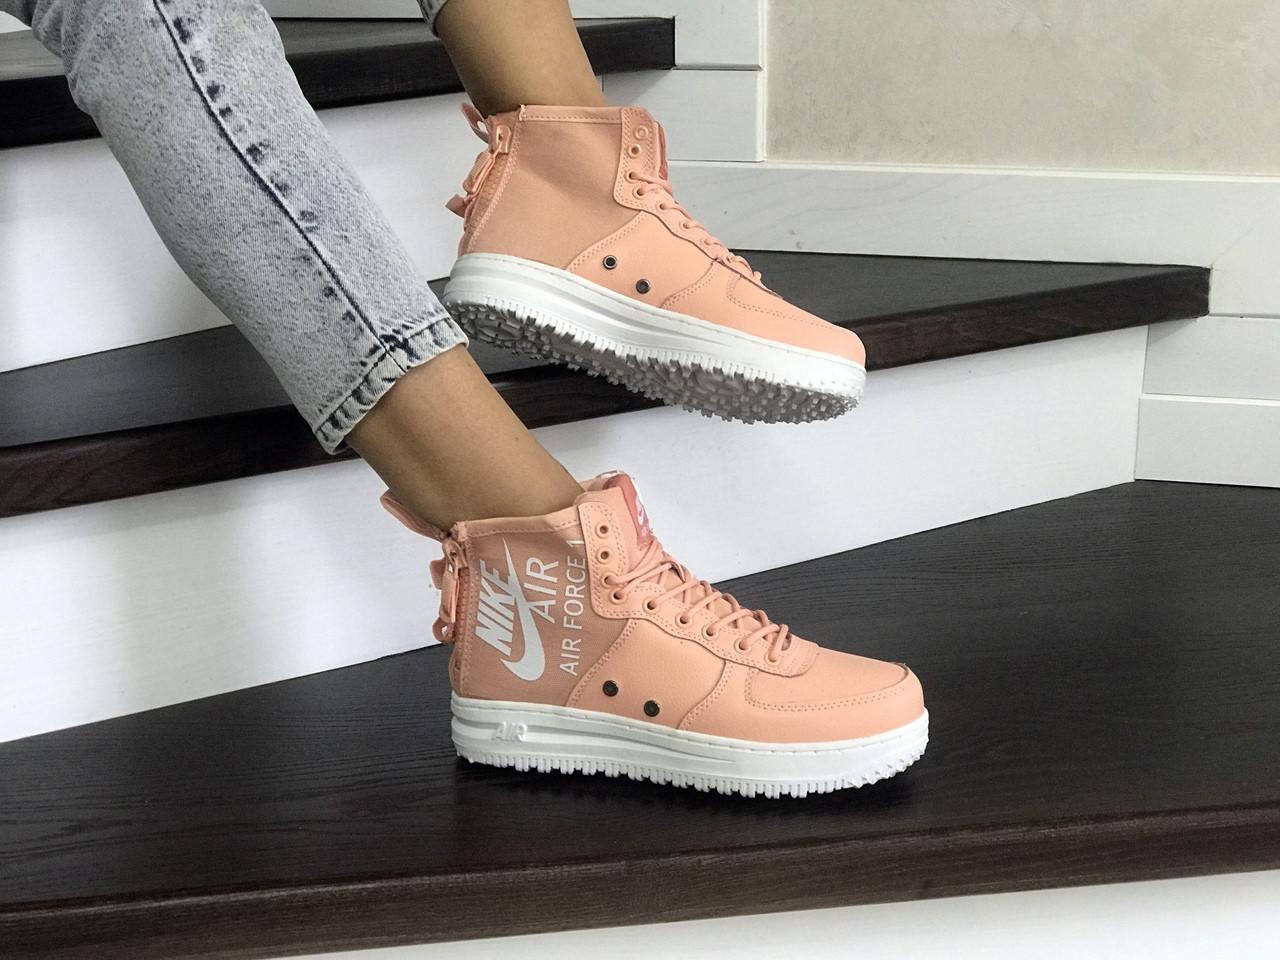 Кроссовки кеды женские кожа нубук найк аир форс пудра повседневные (реплика) Nike Air Force Pink